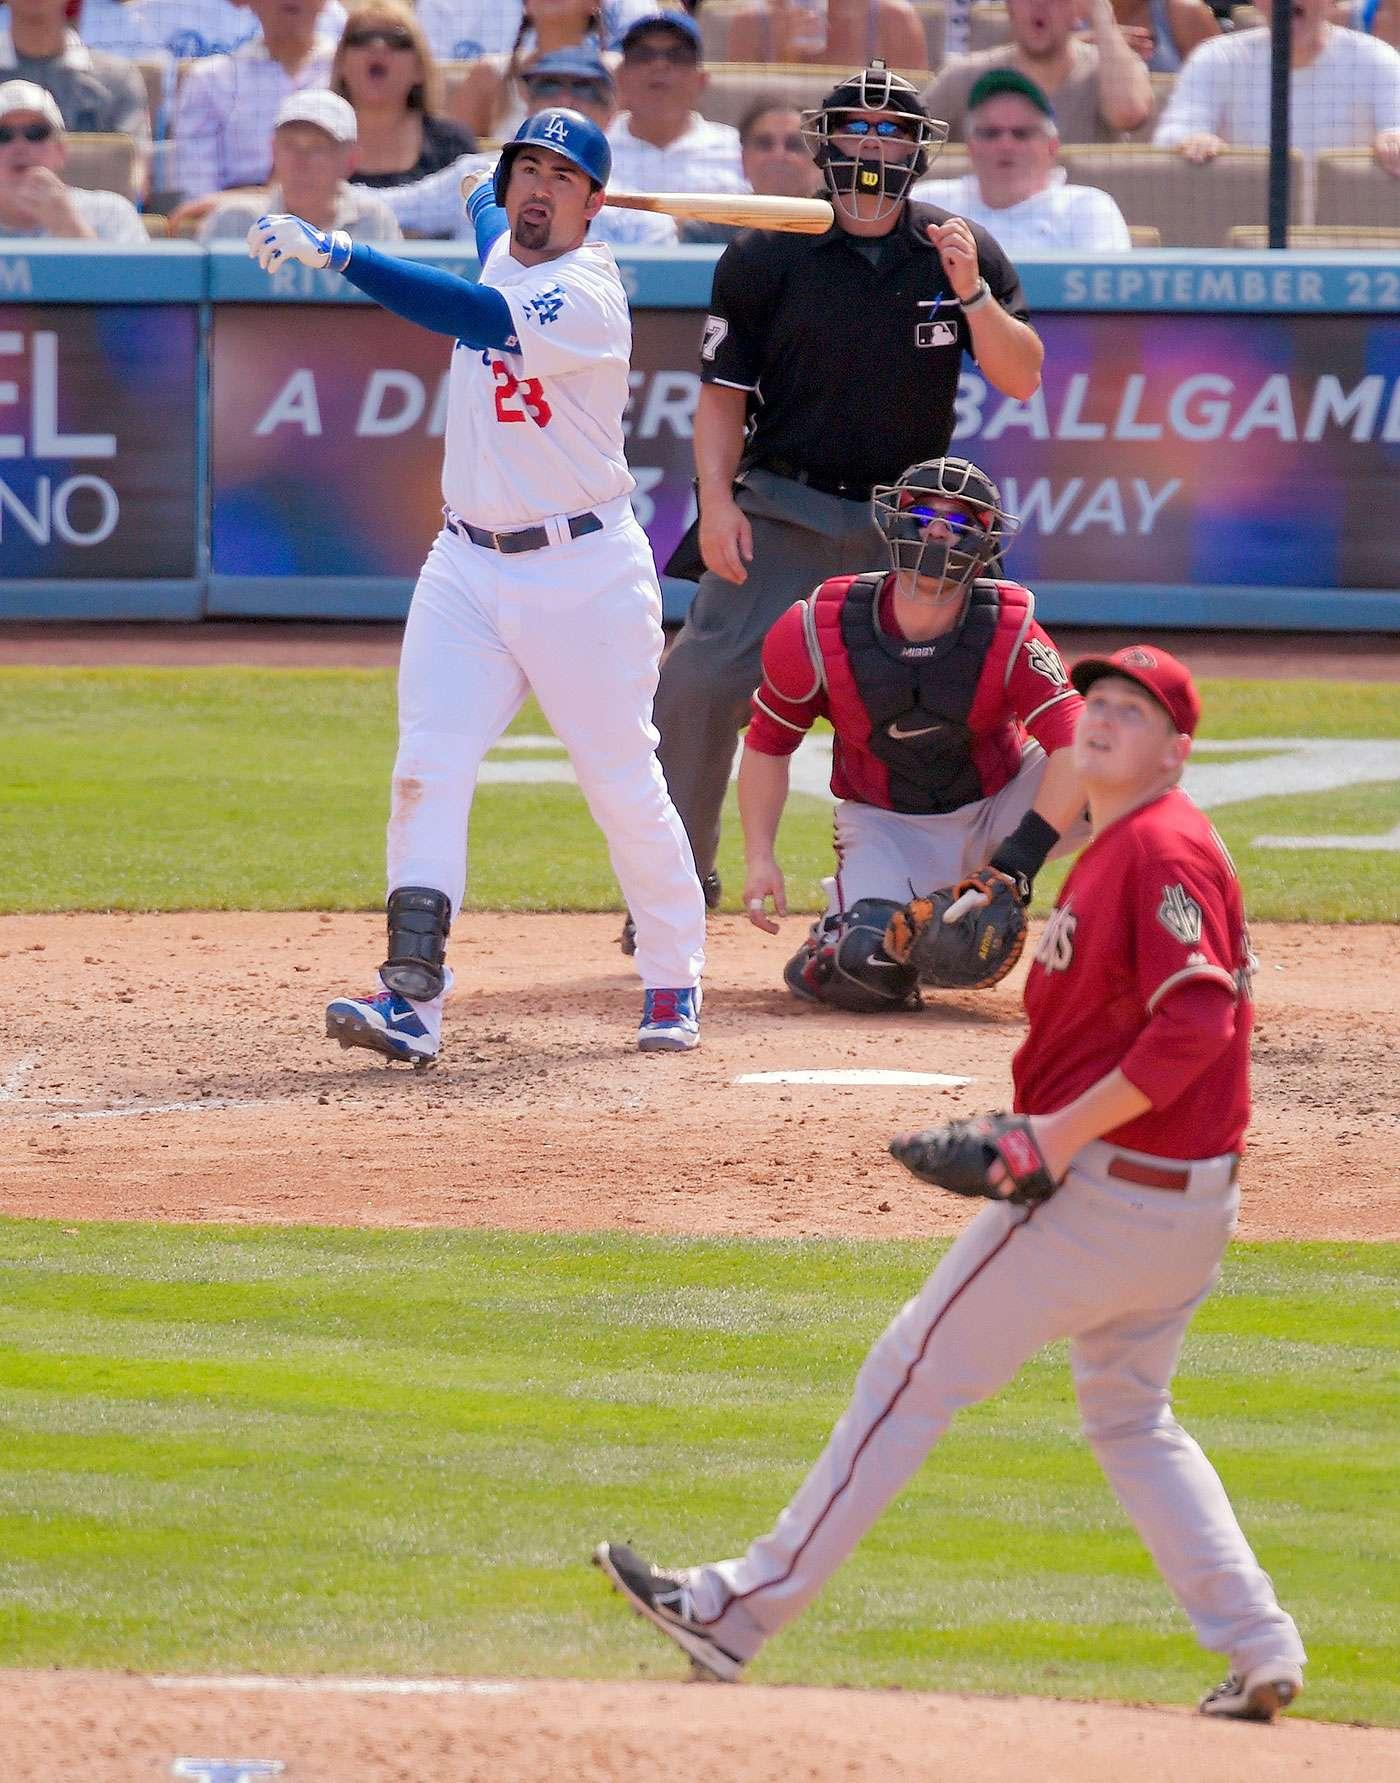 El mexicano Adrián González conectó un par de jonrones de tres carreras para llegar a 100 carreras impulsadas por séptima ocasión, y los Dodgers de Los Ángeles vencieron 7-2 a los Diamondbacks de Arizona Foto: AP